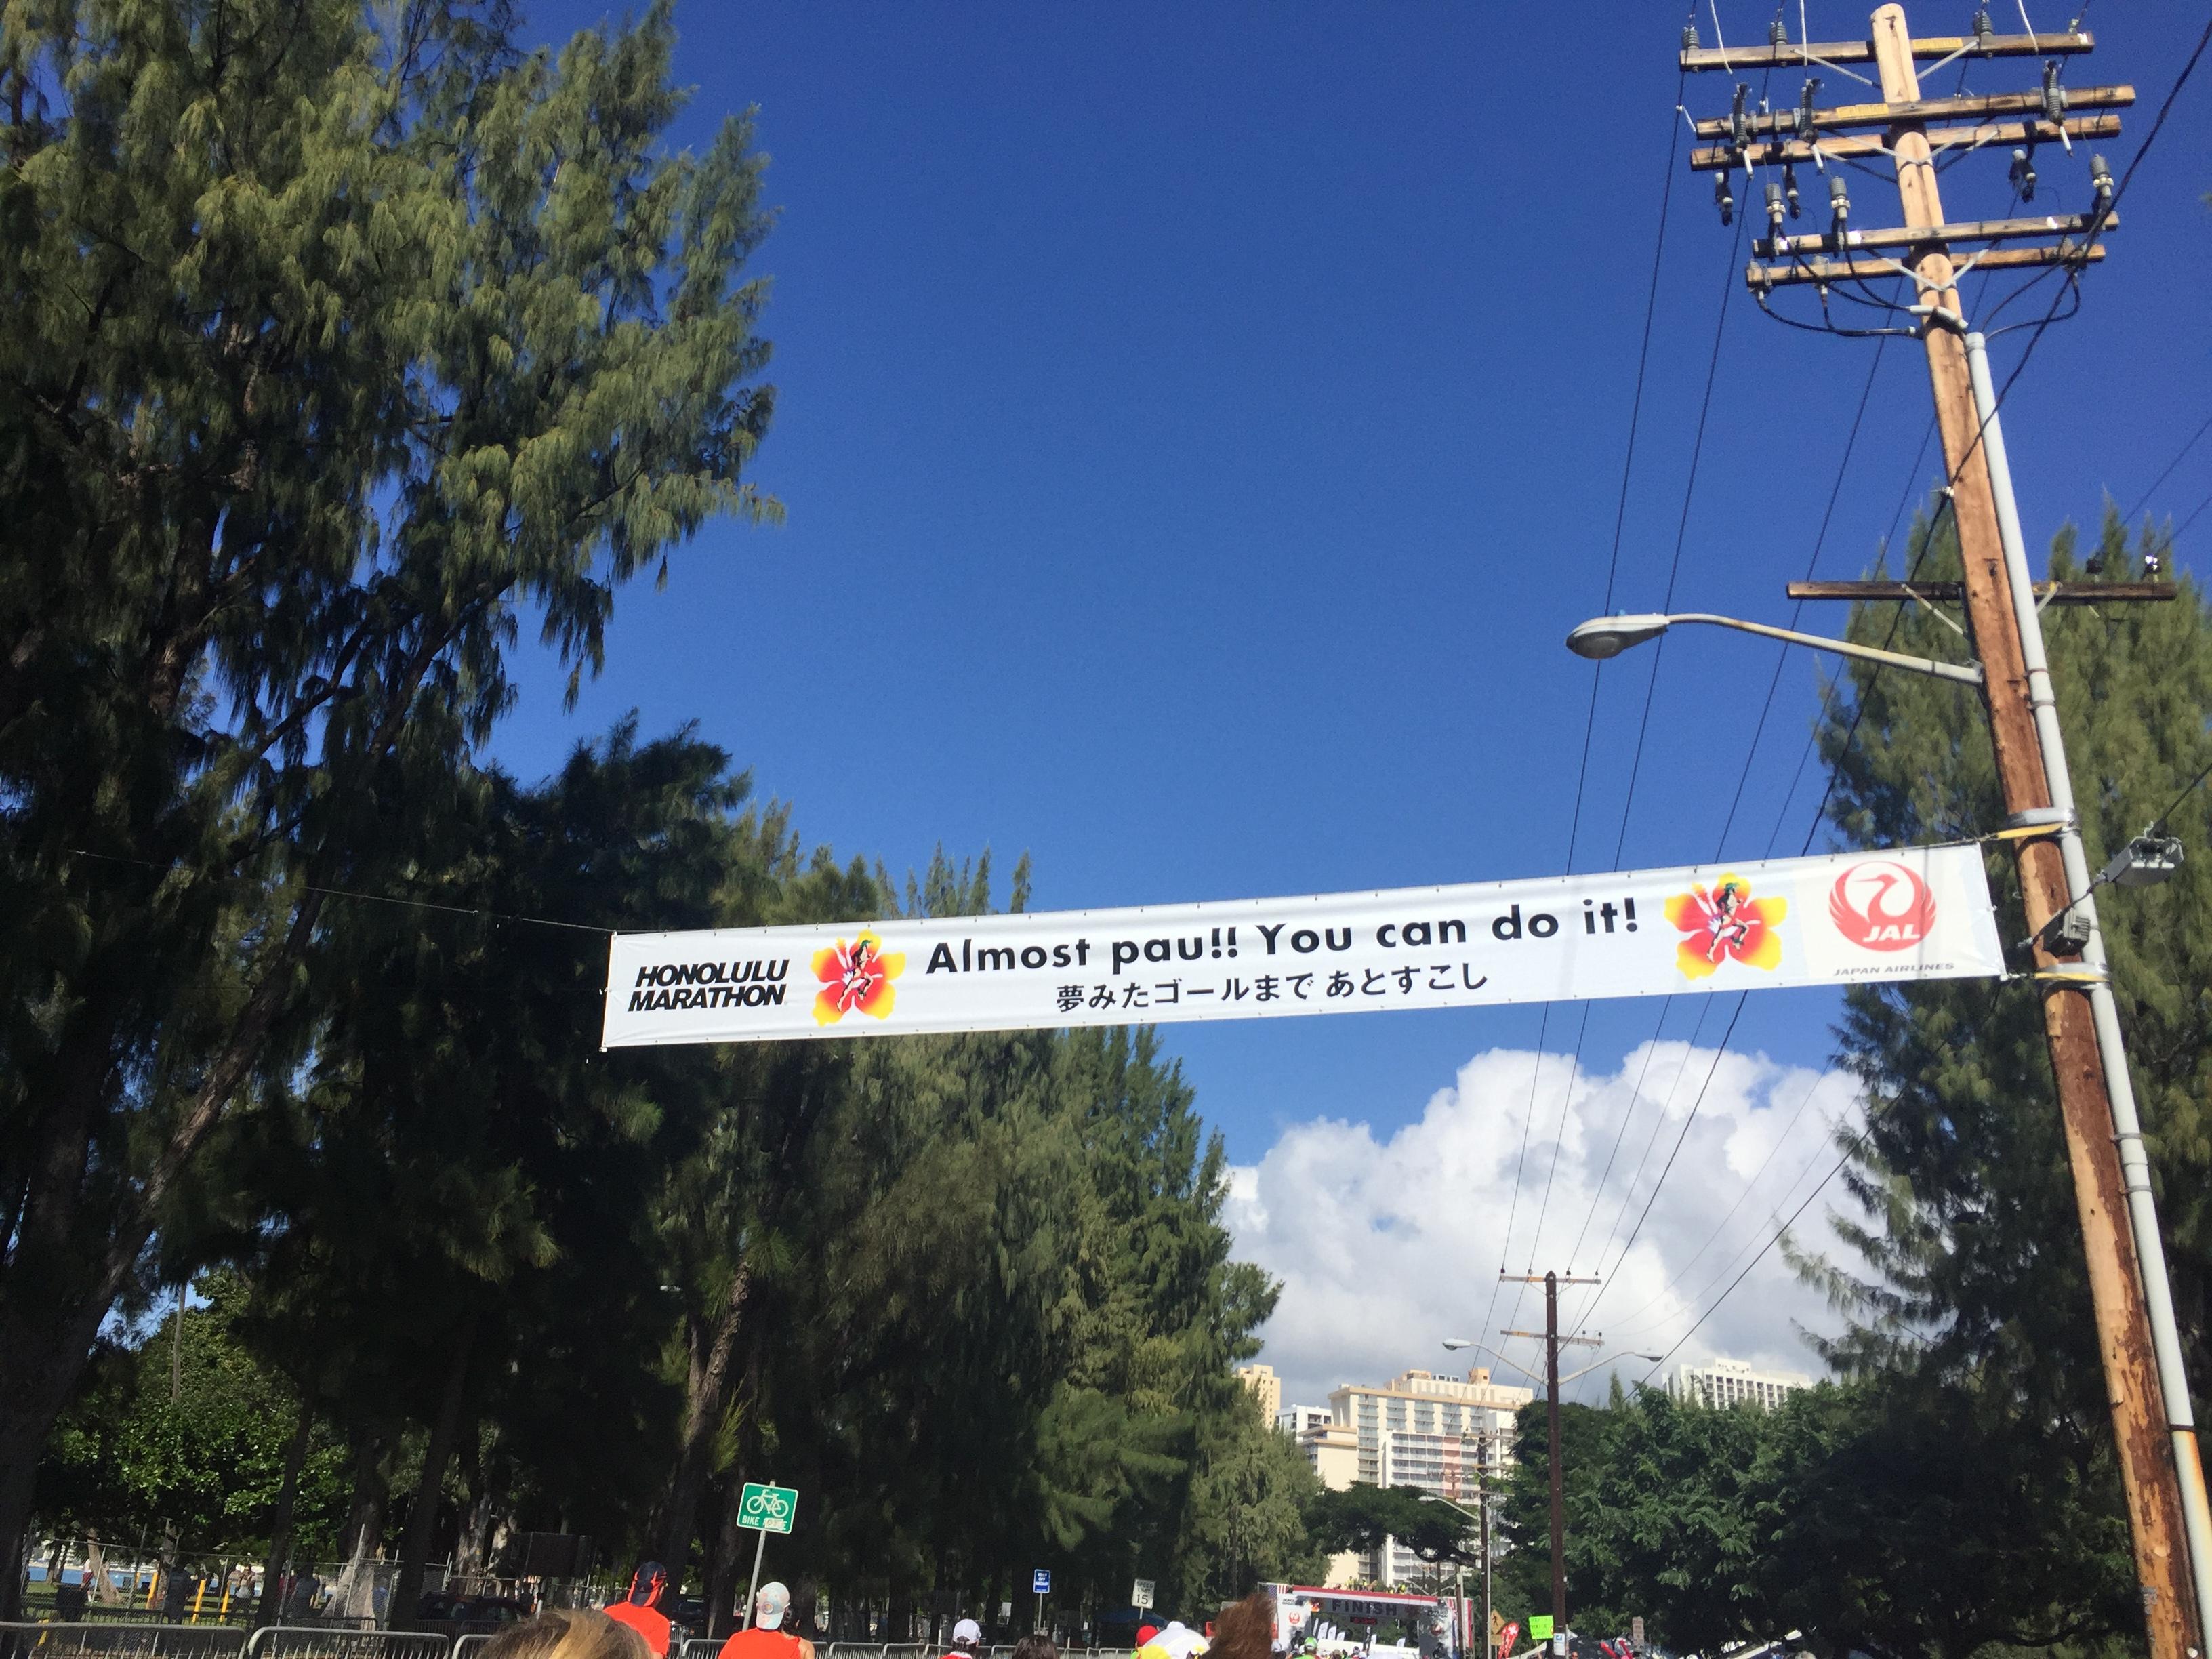 ホノルルマラソン2016 アーリーエントリー開始!